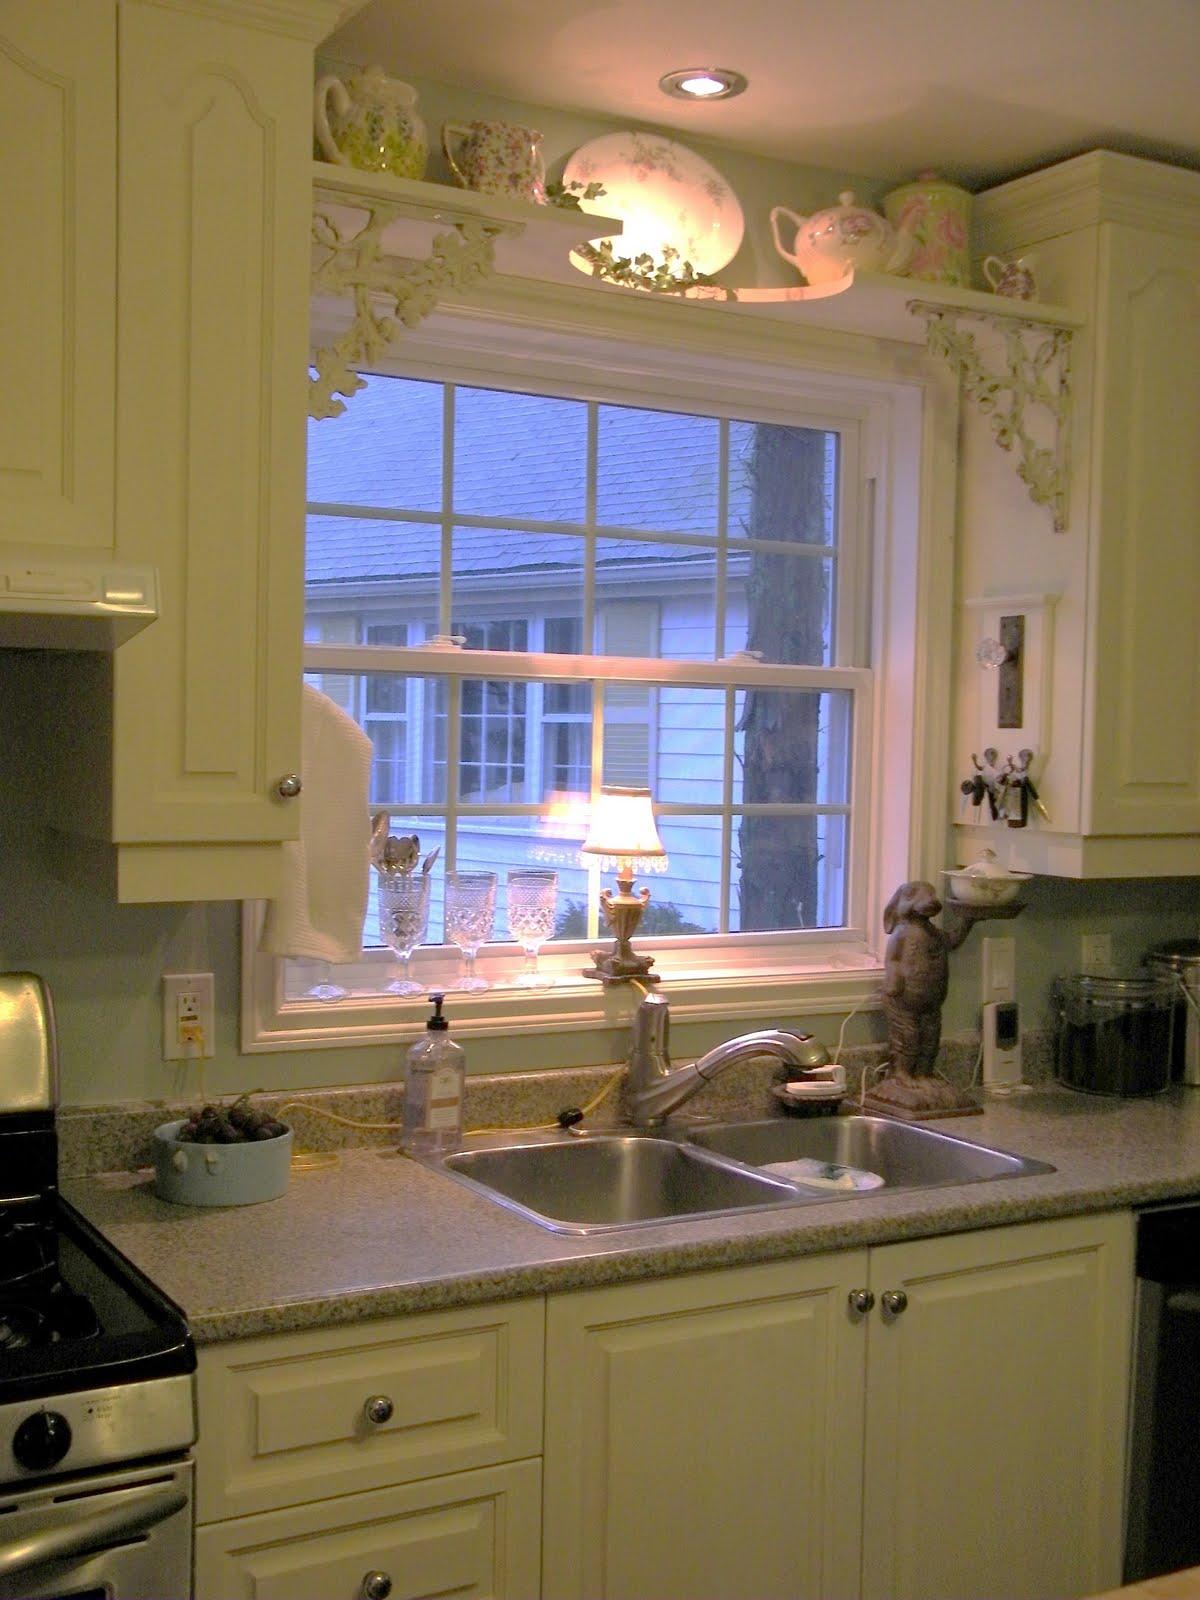 Above Kitchen Window Over Sink Shelf